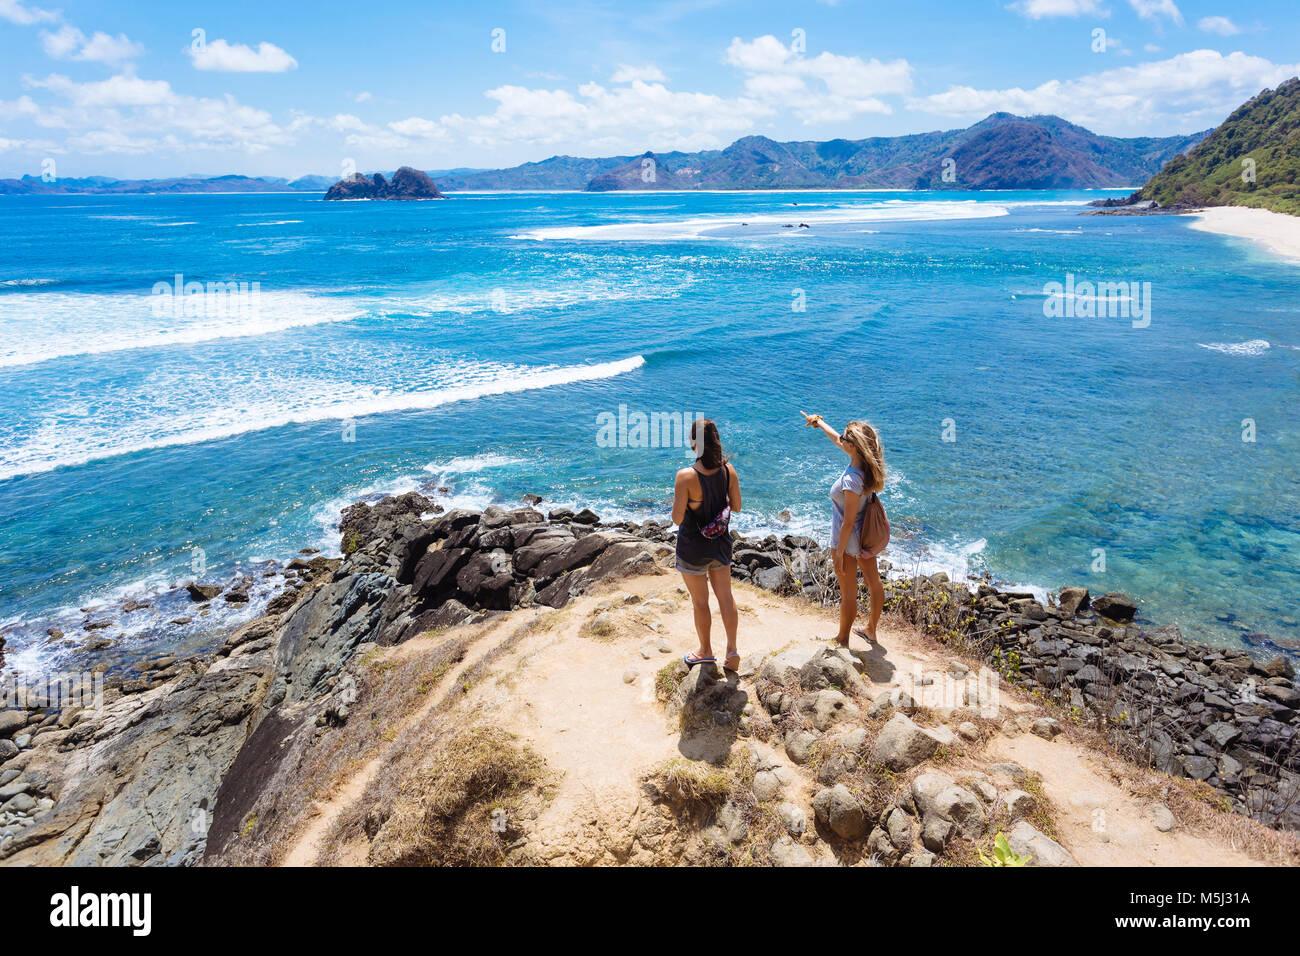 Indonesien, Lombok, zwei junge Frauen im Ocean Küstenlinie Stockbild